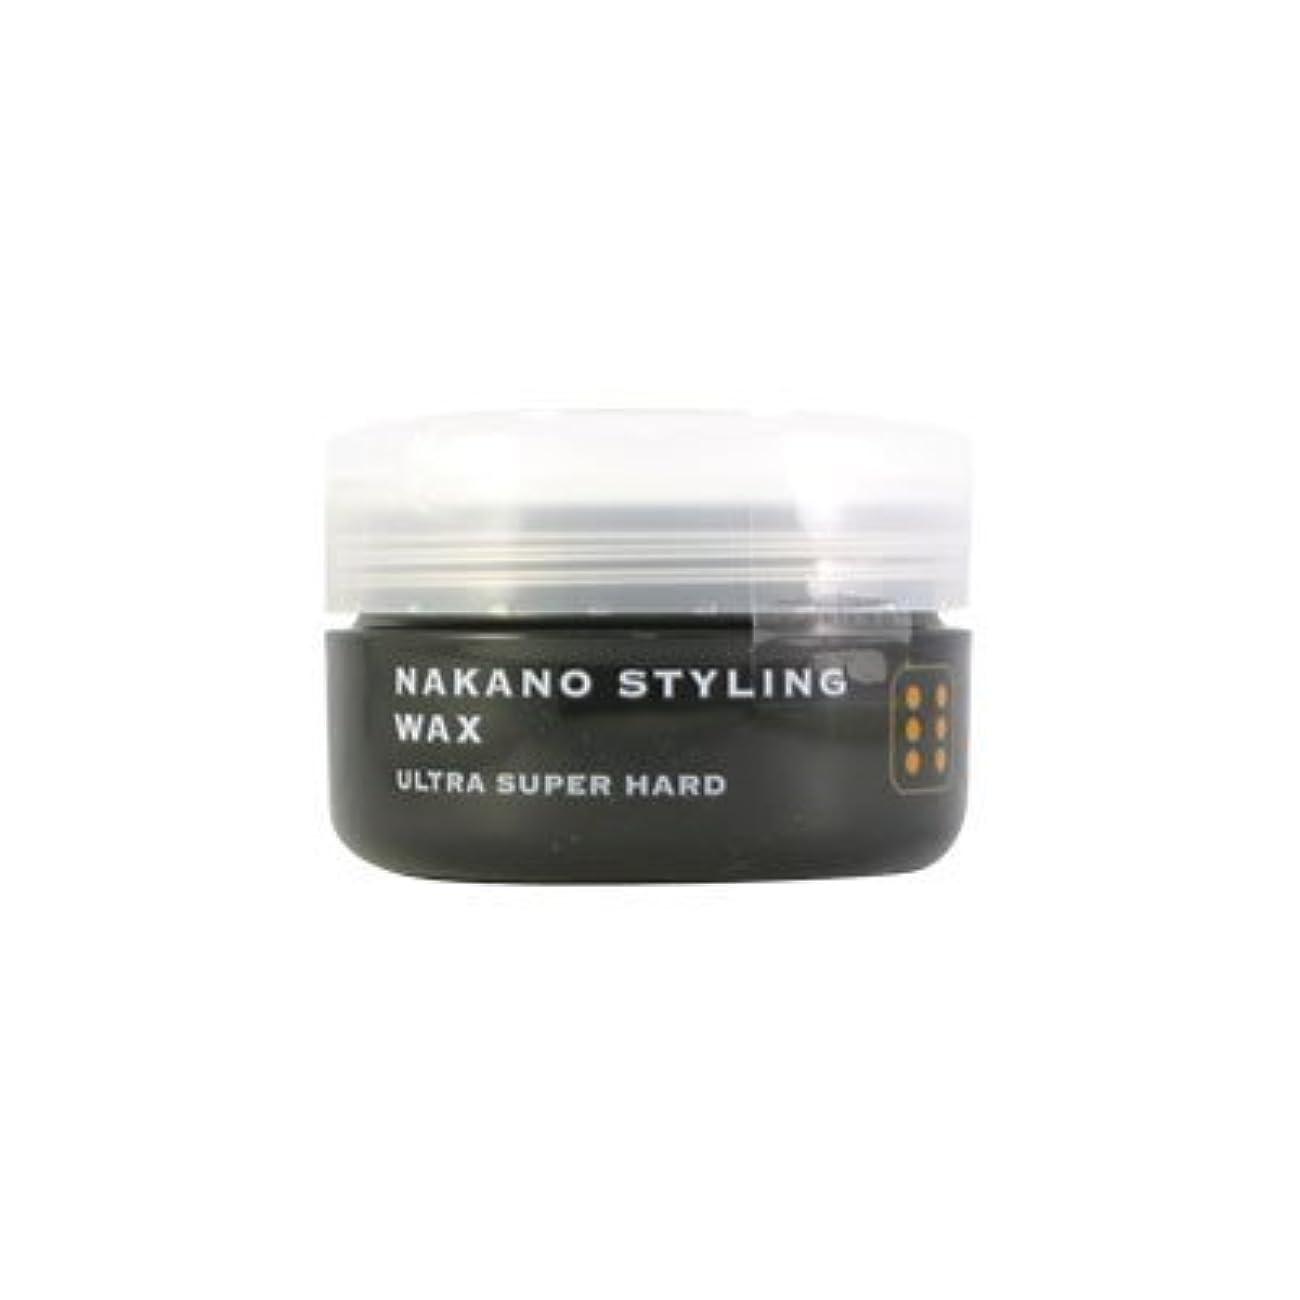 動プライム和解するナカノ スタイリングワックス 6 ウルトラスーパーハード 90g 中野製薬 NAKANO